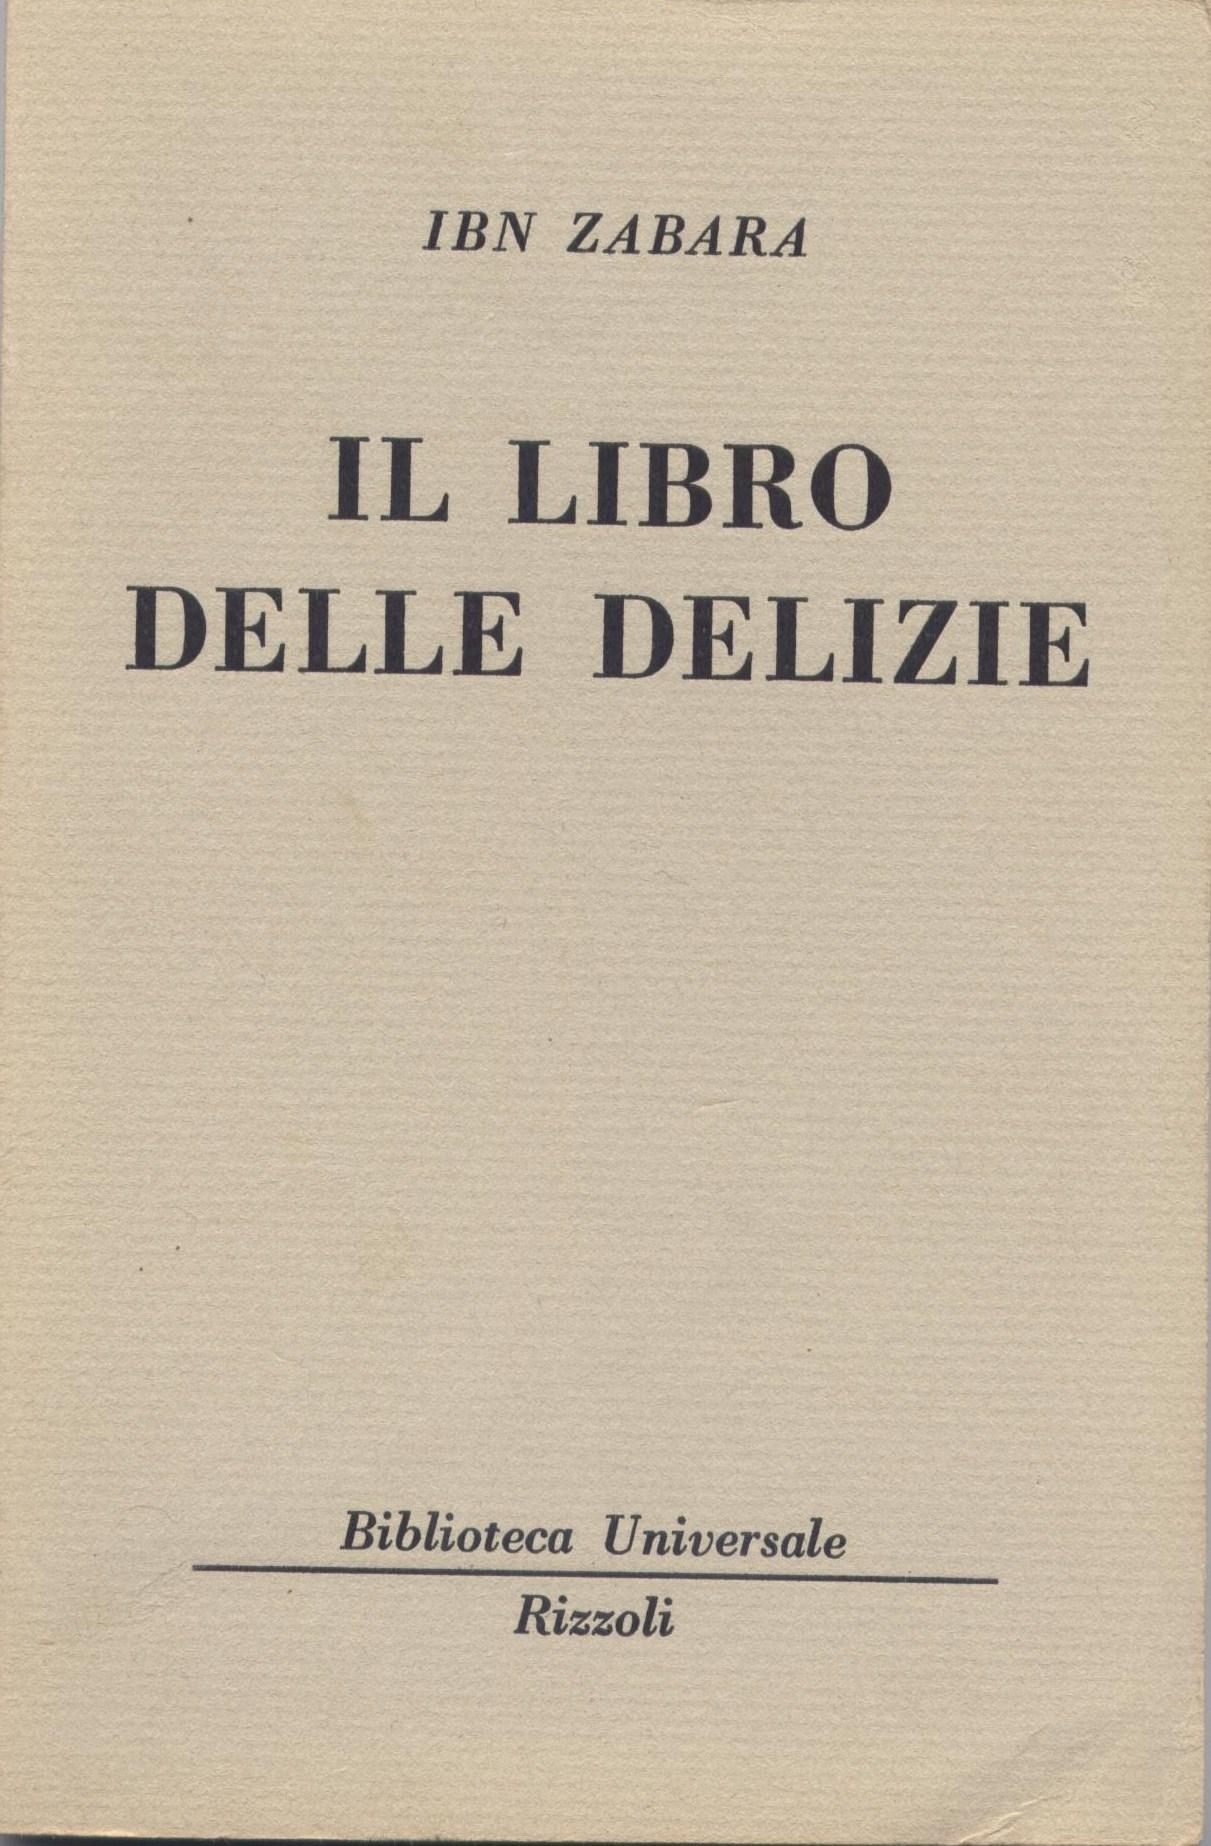 Il libro delle delizie